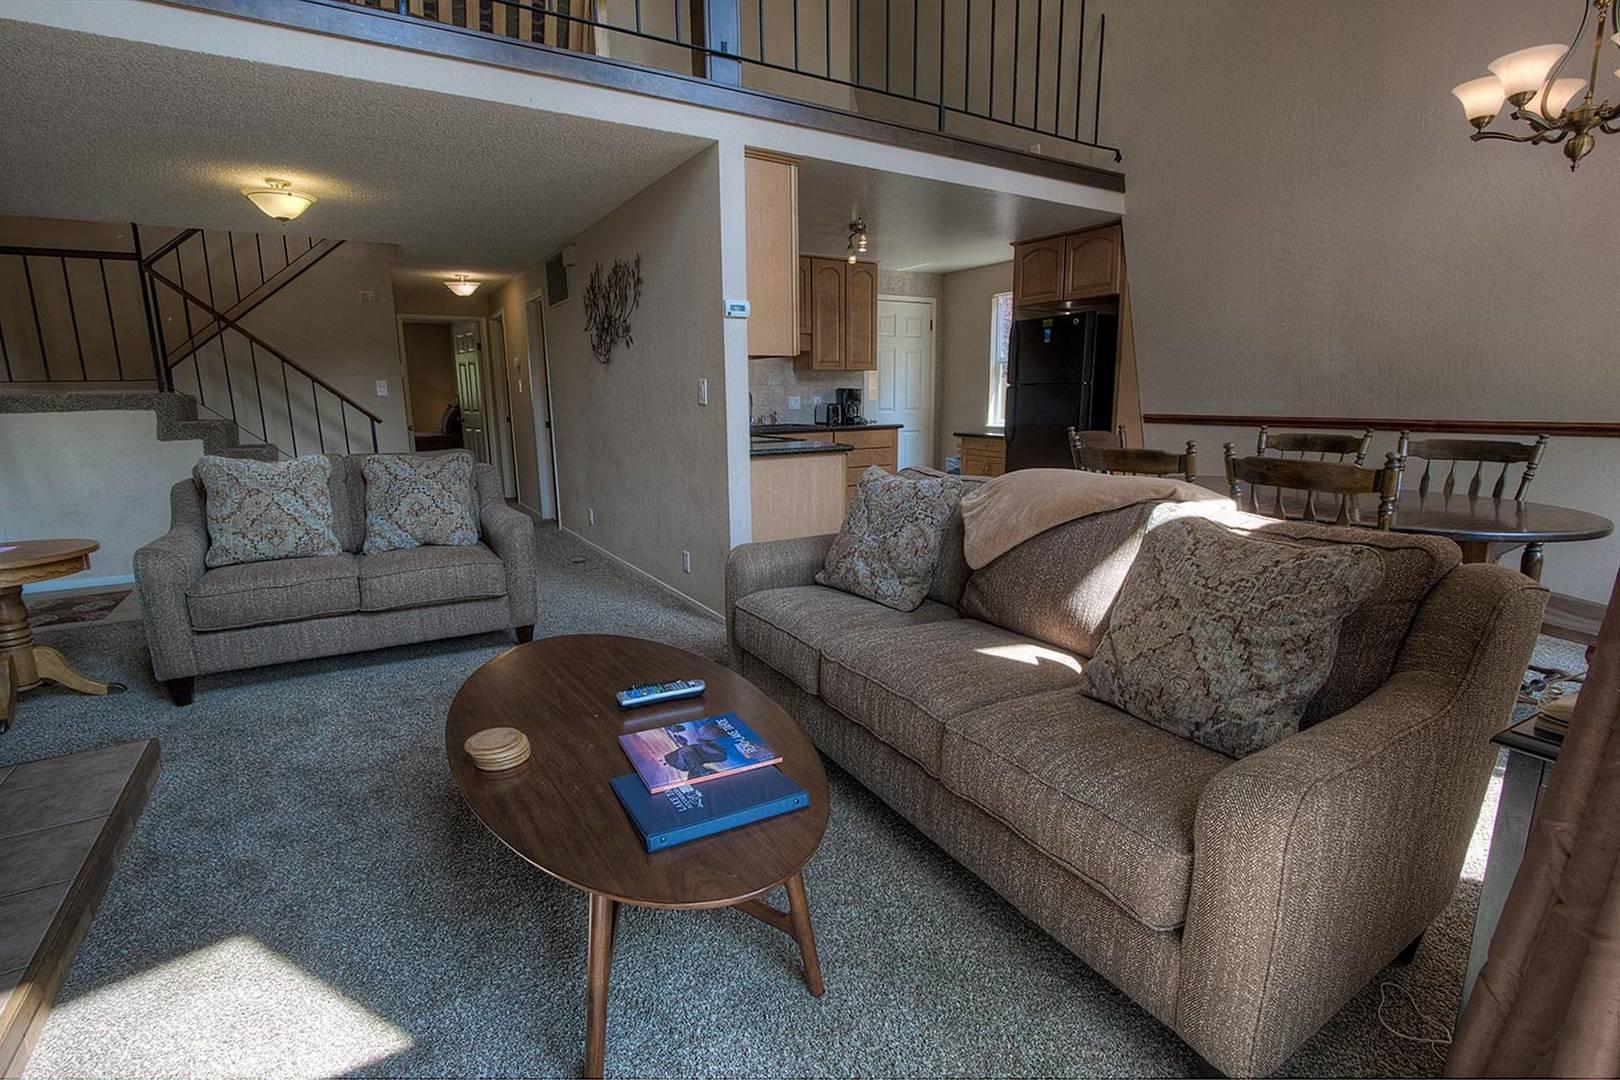 cyh1046 living room